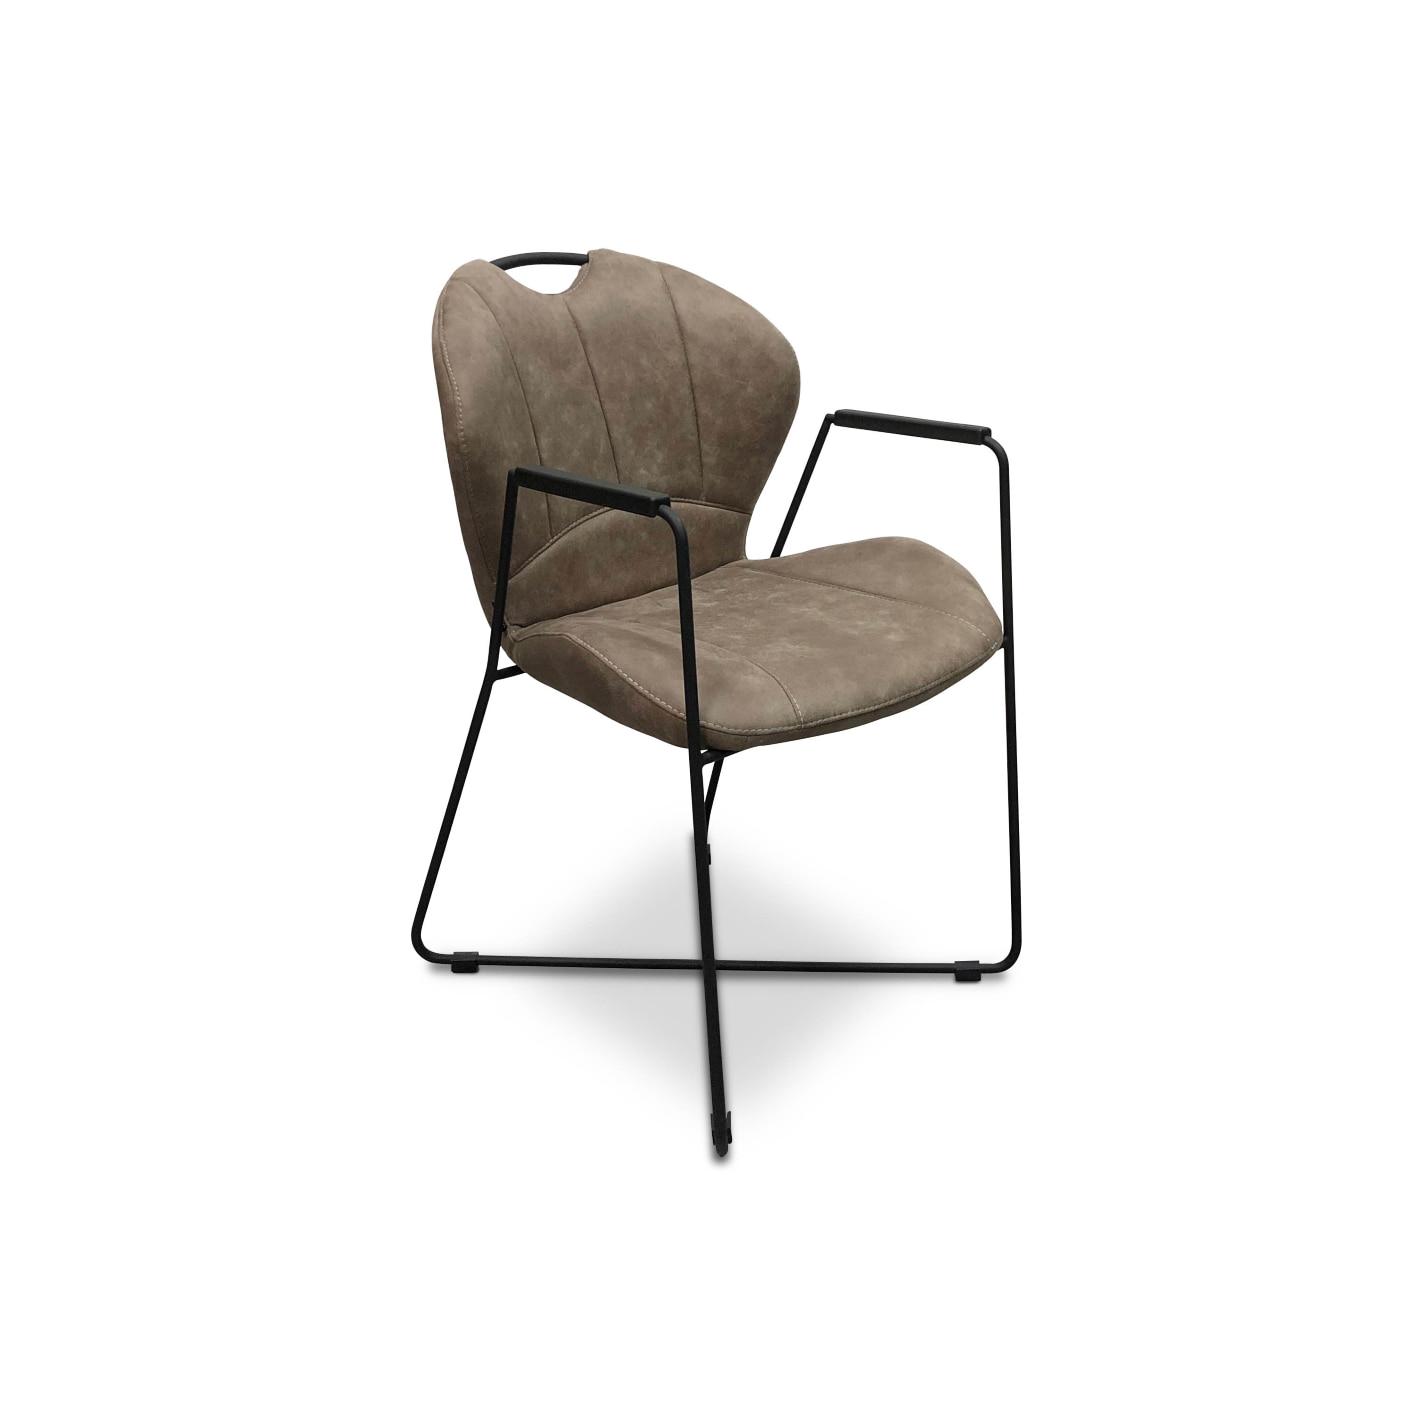 Full Size of Esstischstühle Esszimmer Stuhl Jagd Msofa Gnstige Esstischsthle Wiegers Xl Esstische Esstischstühle